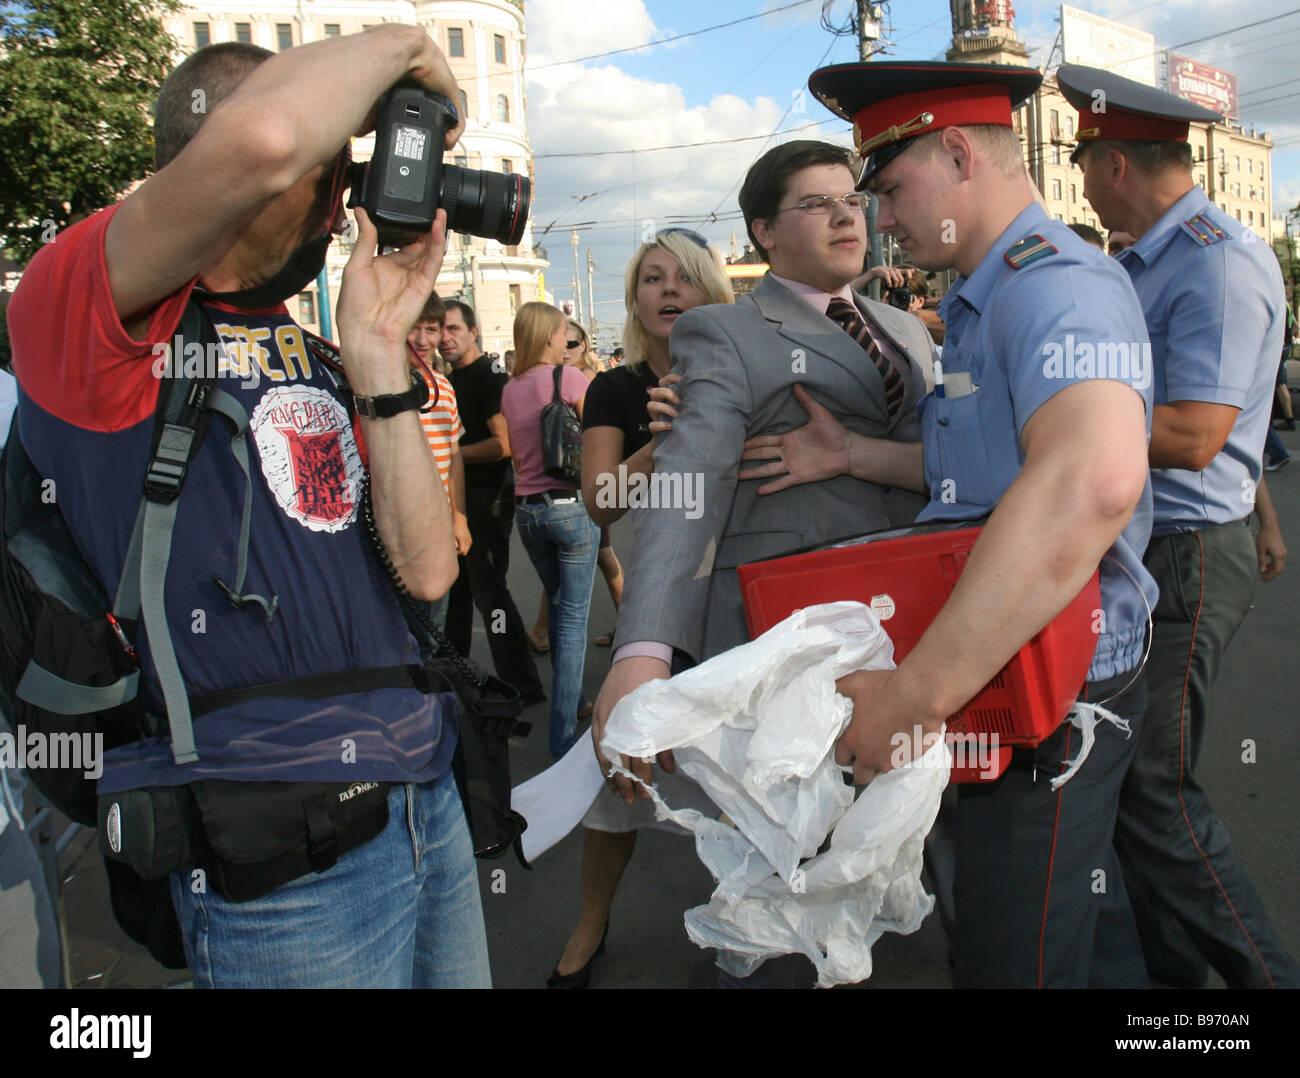 Enfrentar piquetes de policía en una acción pública de la Liga Juvenil Democrática Popular y Imagen De Stock